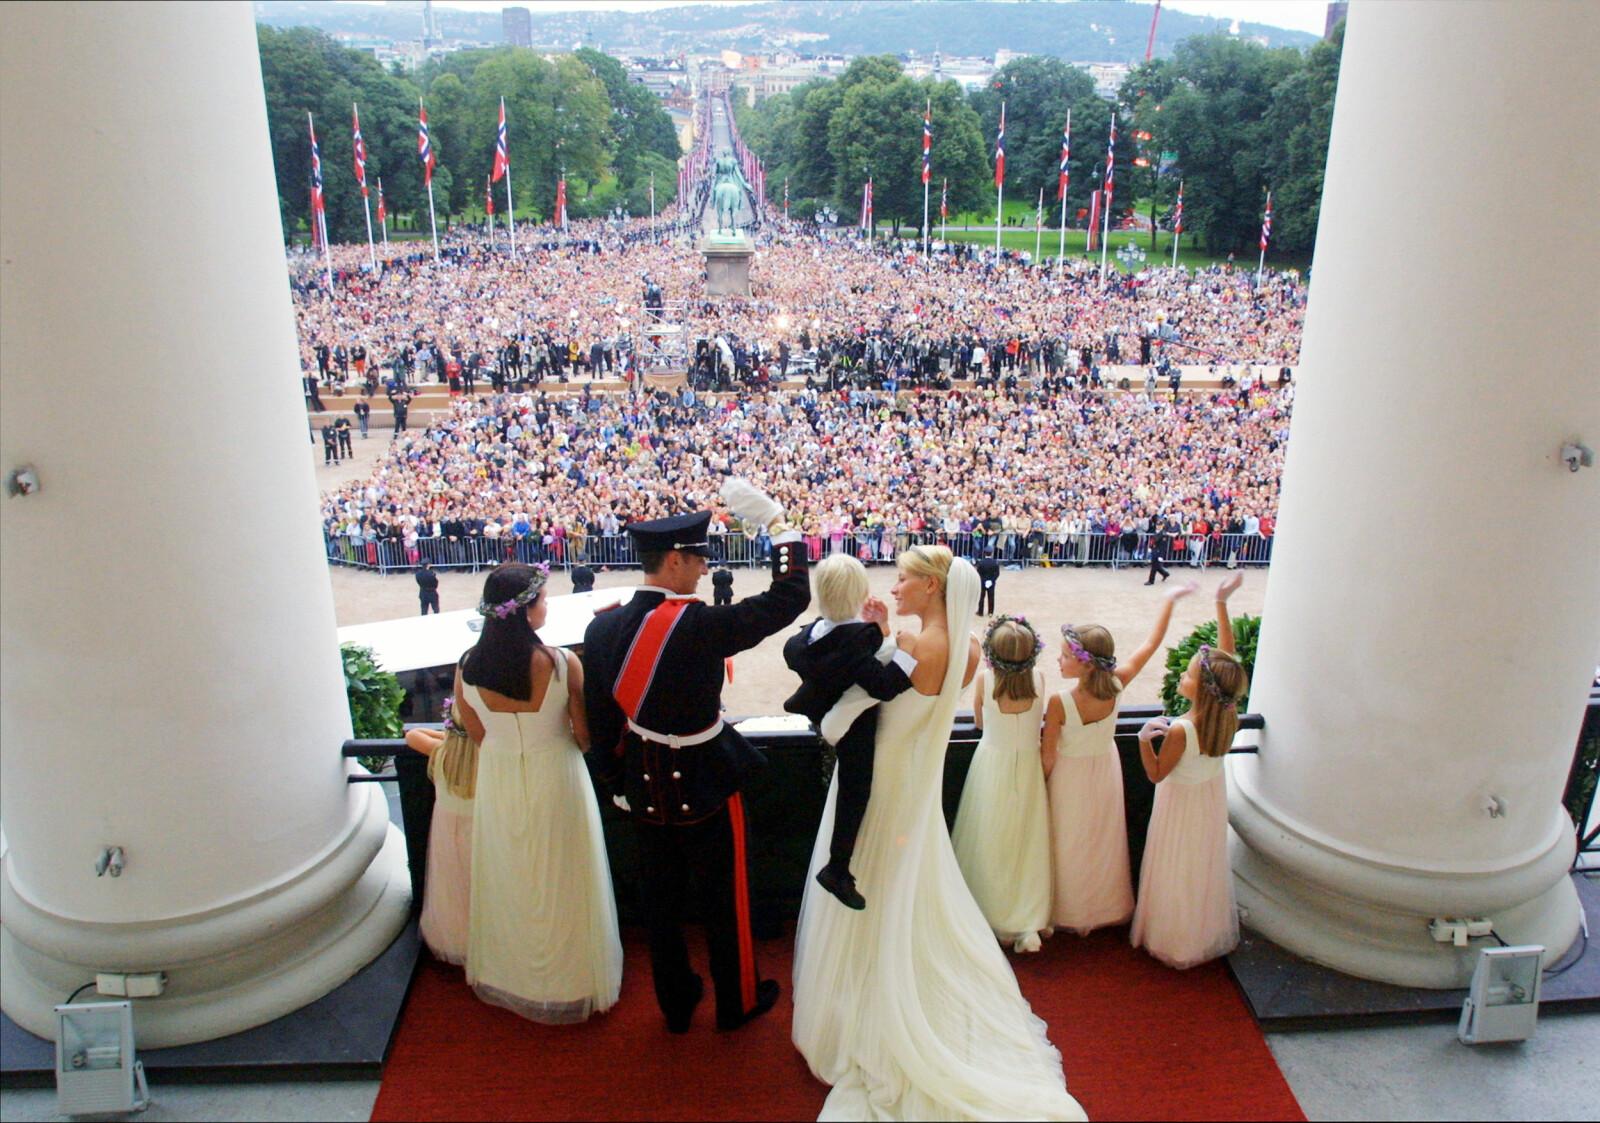 <strong>19 ÅR SIDEN:</strong> Kronprins Haakon og Mette-Marit Tjessem Høiby giftet seg i Oslo Domkirke lørdag 25. august 2001, og hilste på folket fra slottsbalkongen etter vielsen. Foto: NTB Scanpix